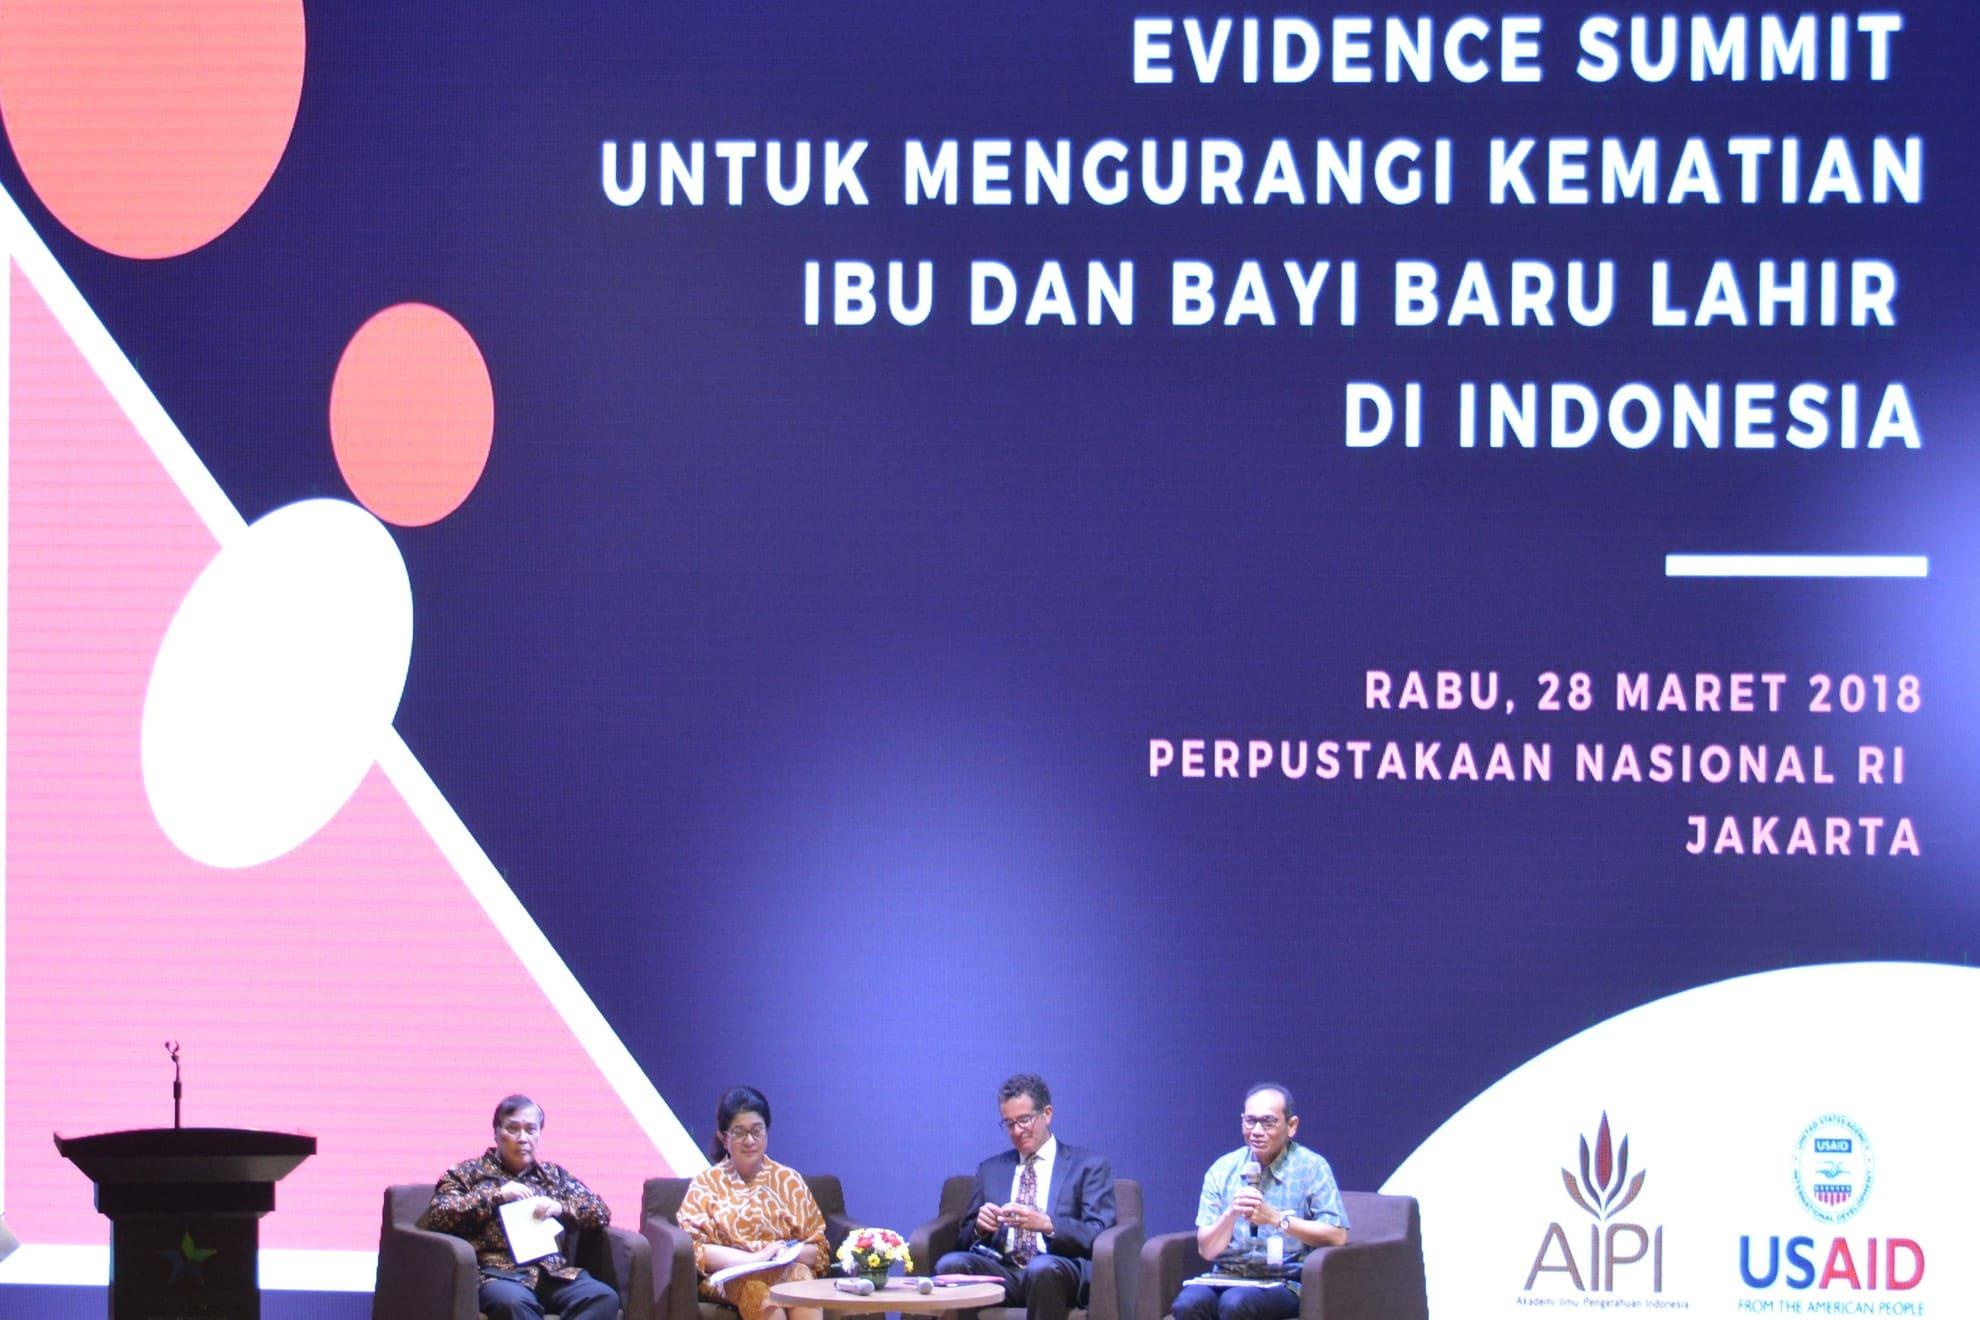 28-03-2018-menkes-melakukan-diskusi-pada-pertemuan-evidence-summit-untuk-mengurangi-kematian-ibu-dan-bayi-baru-lahir-di-indonesia